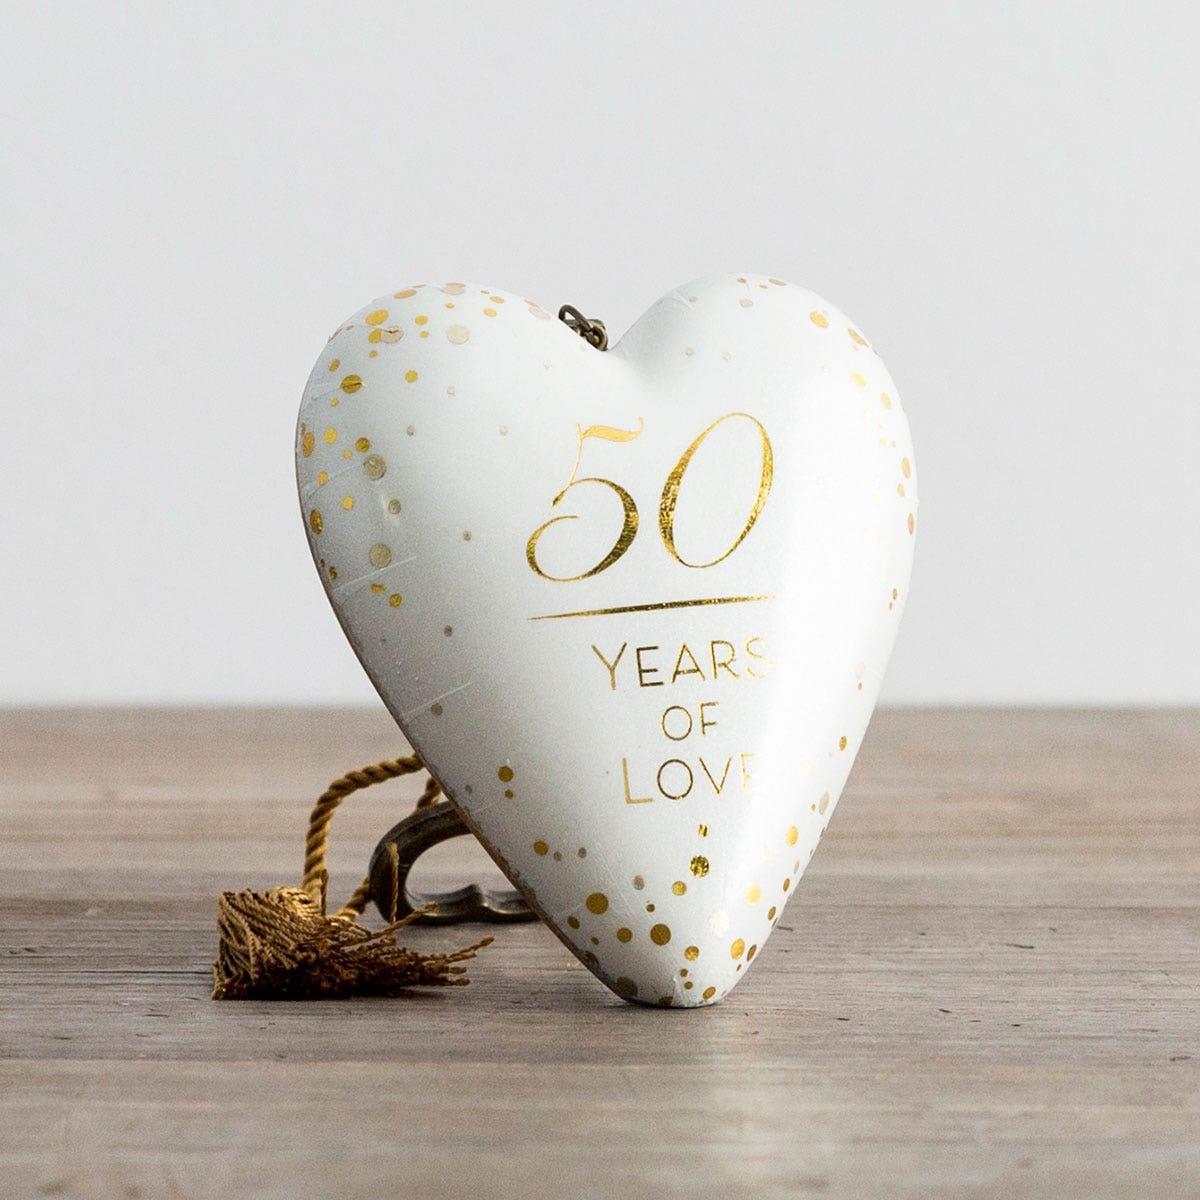 50 Years of Love - Art Heart Sculpture